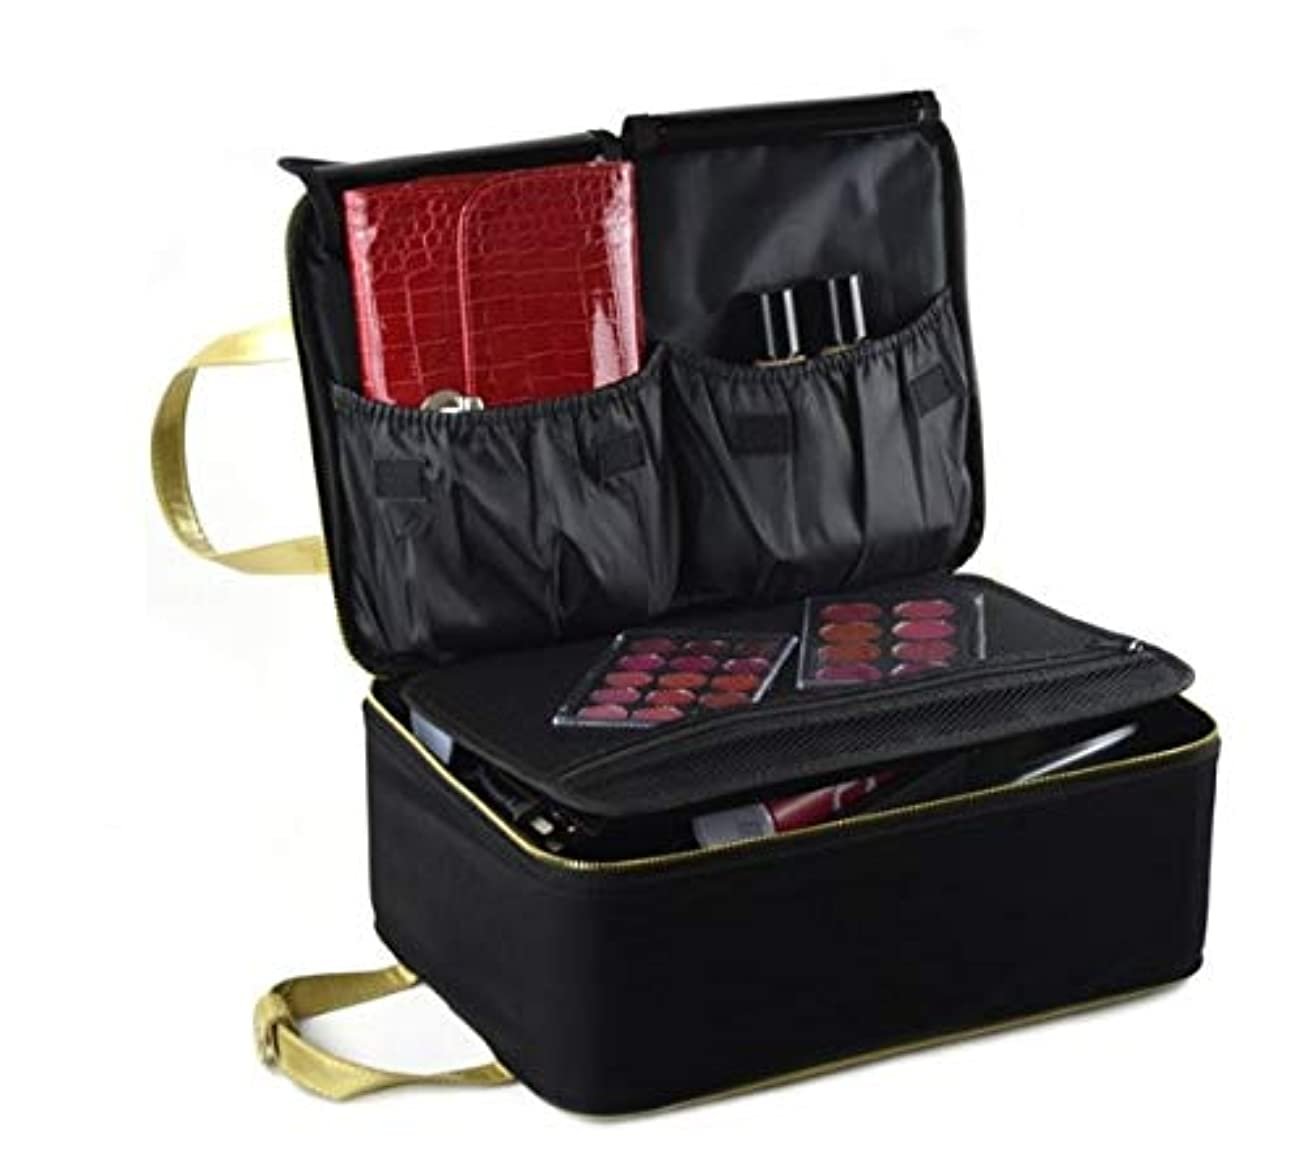 シマウマエピソード著者化粧箱、黒い携帯用化粧品の箱、携帯用旅行化粧品の箱、美の釘の宝石類の収納箱 (Size : S)